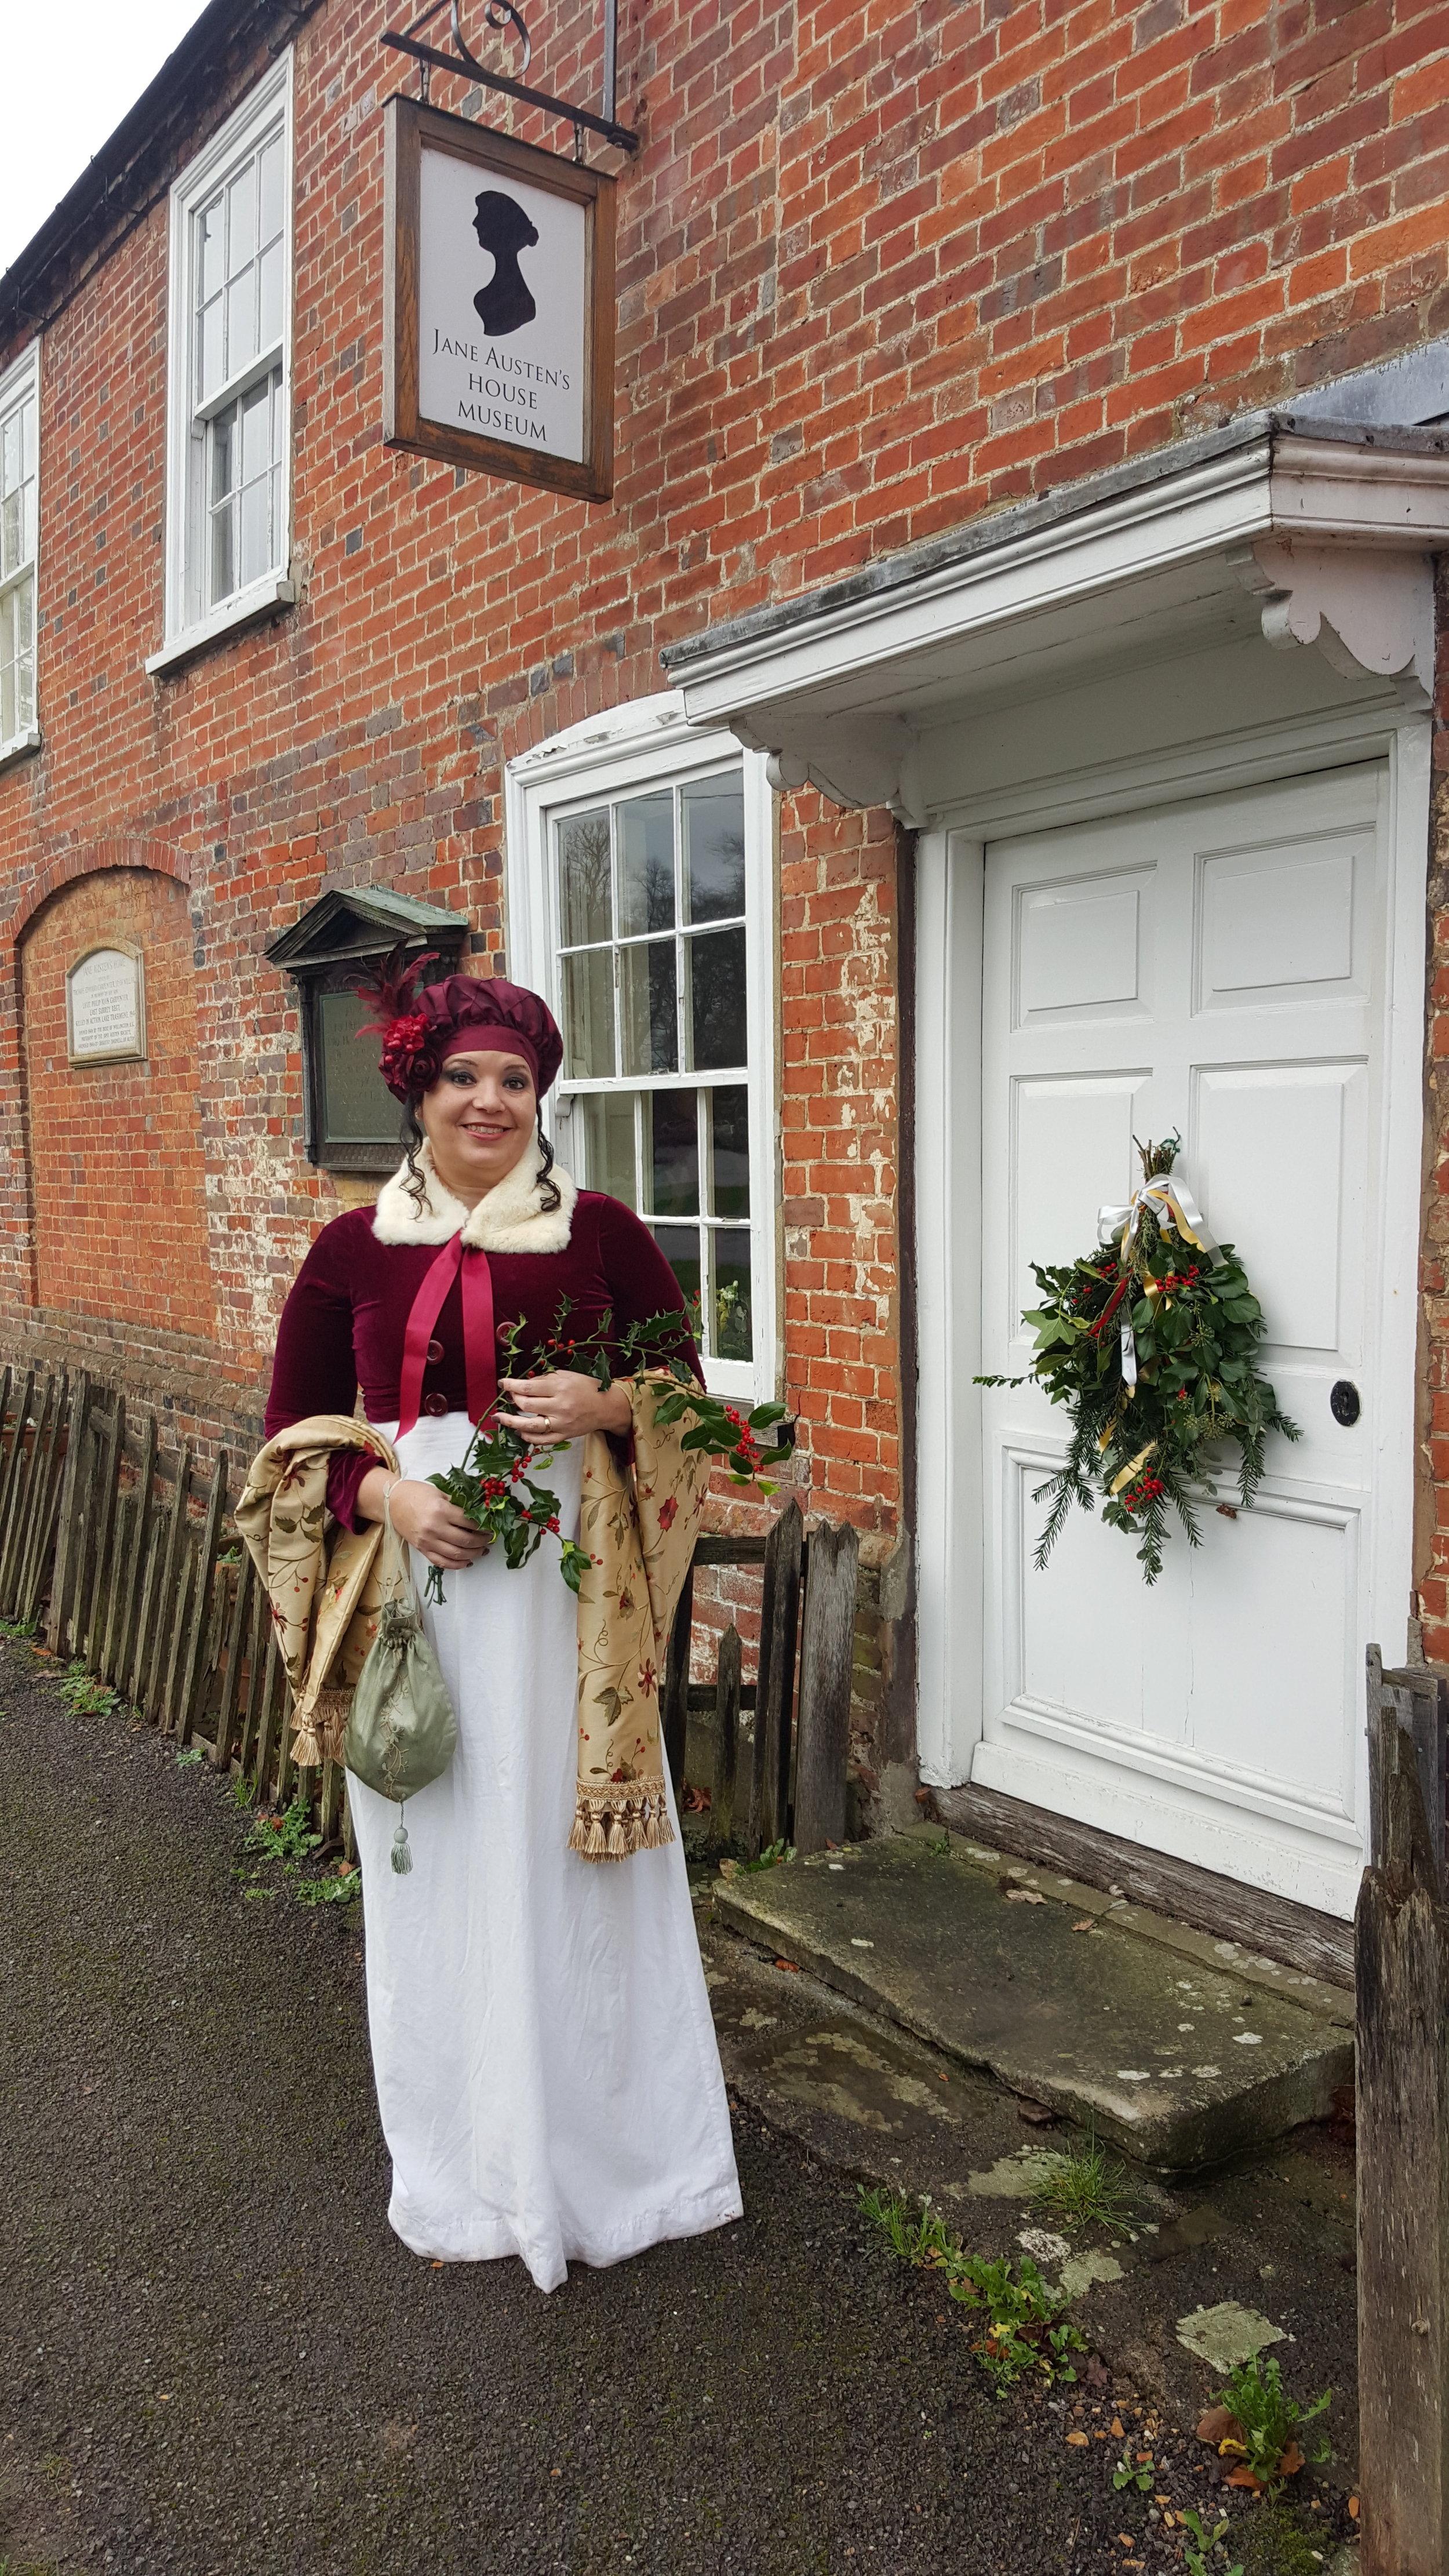 Rita L. Watts outside the Jane Austen's House Museum